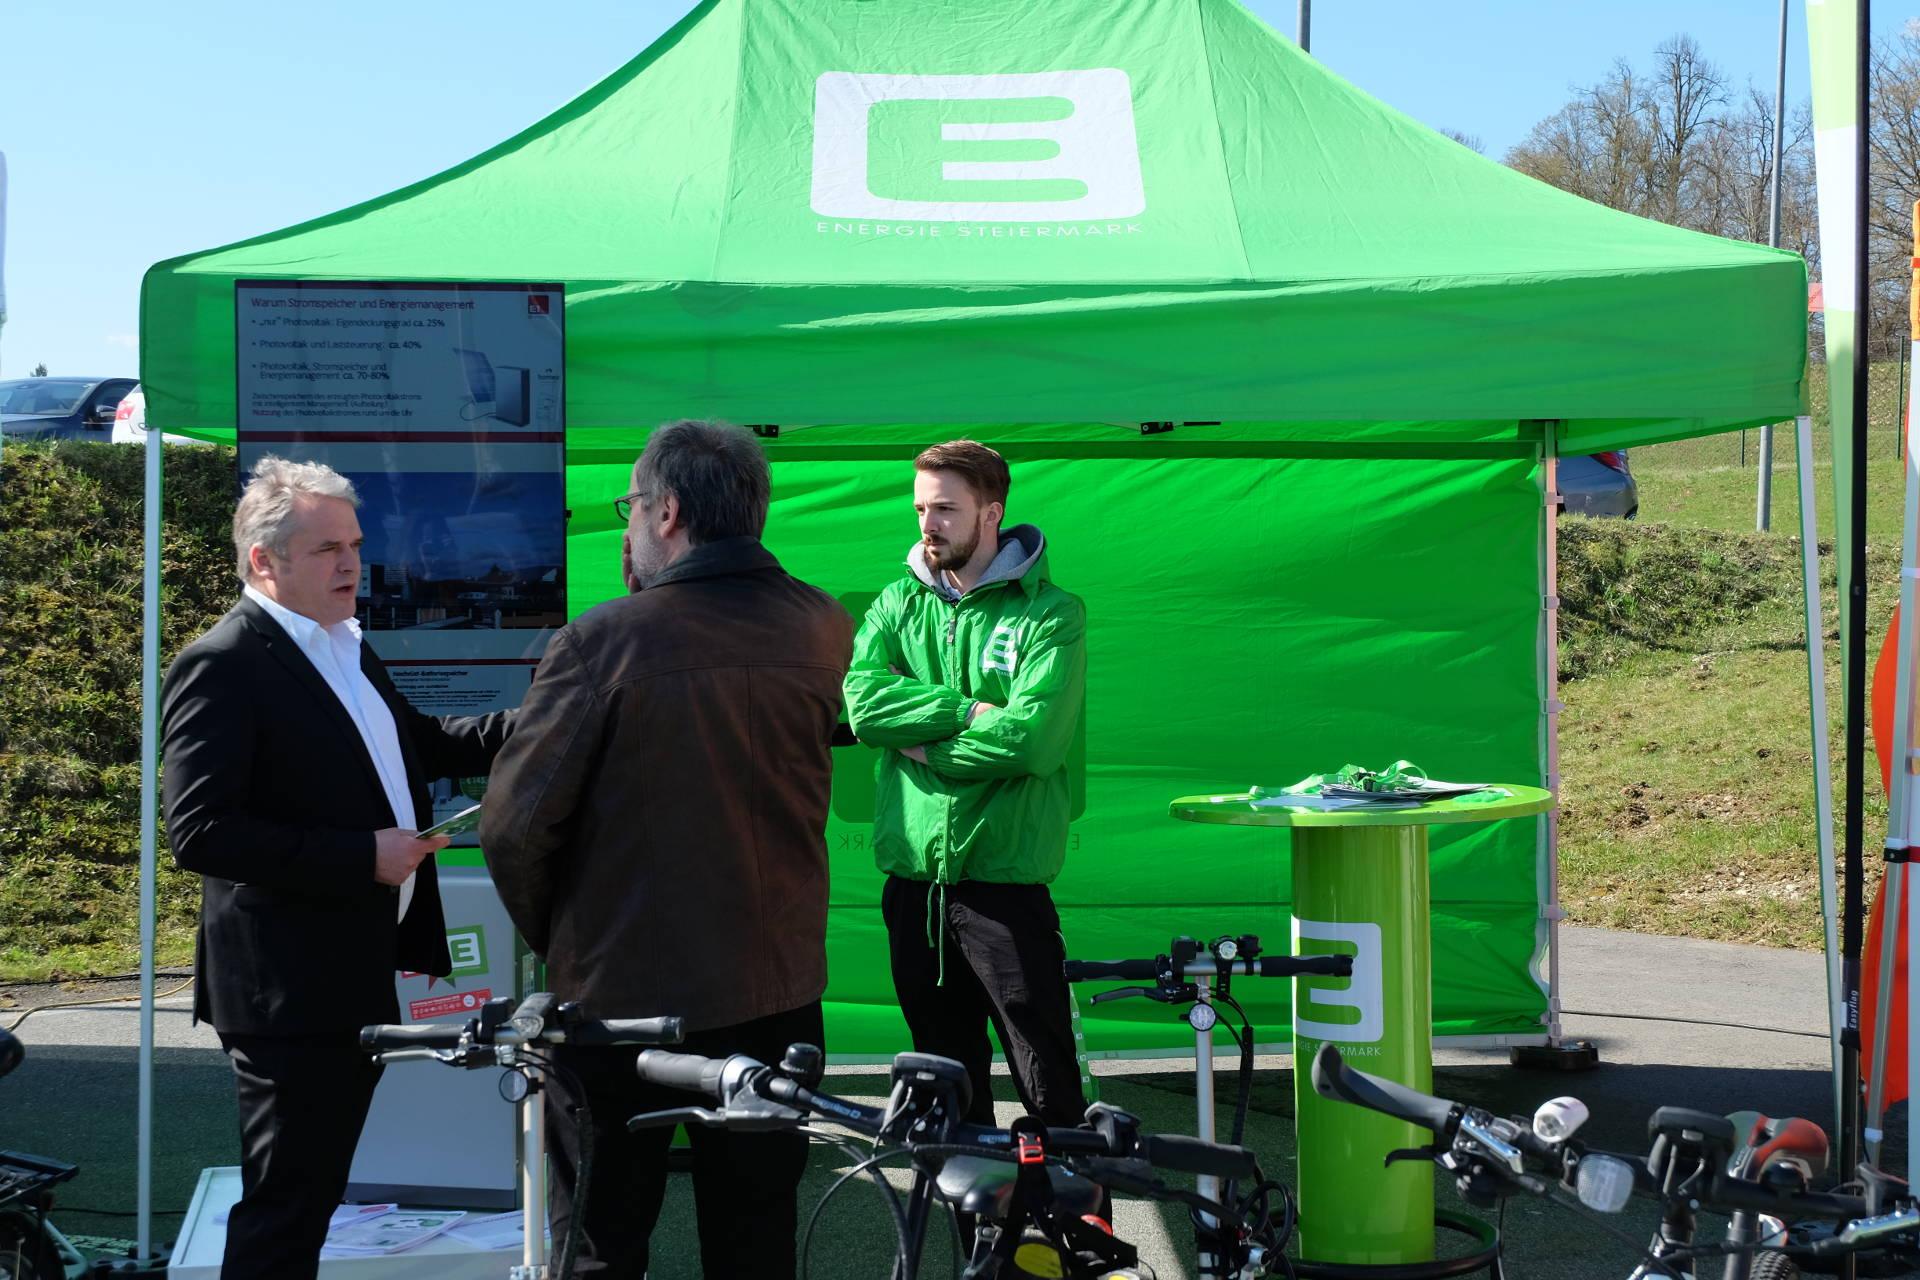 Energie Steiermark und E1-Pfund (GF Andreas Mayer) bei der Energieberatung eines Teilnehmers. ©Daniela Greiner